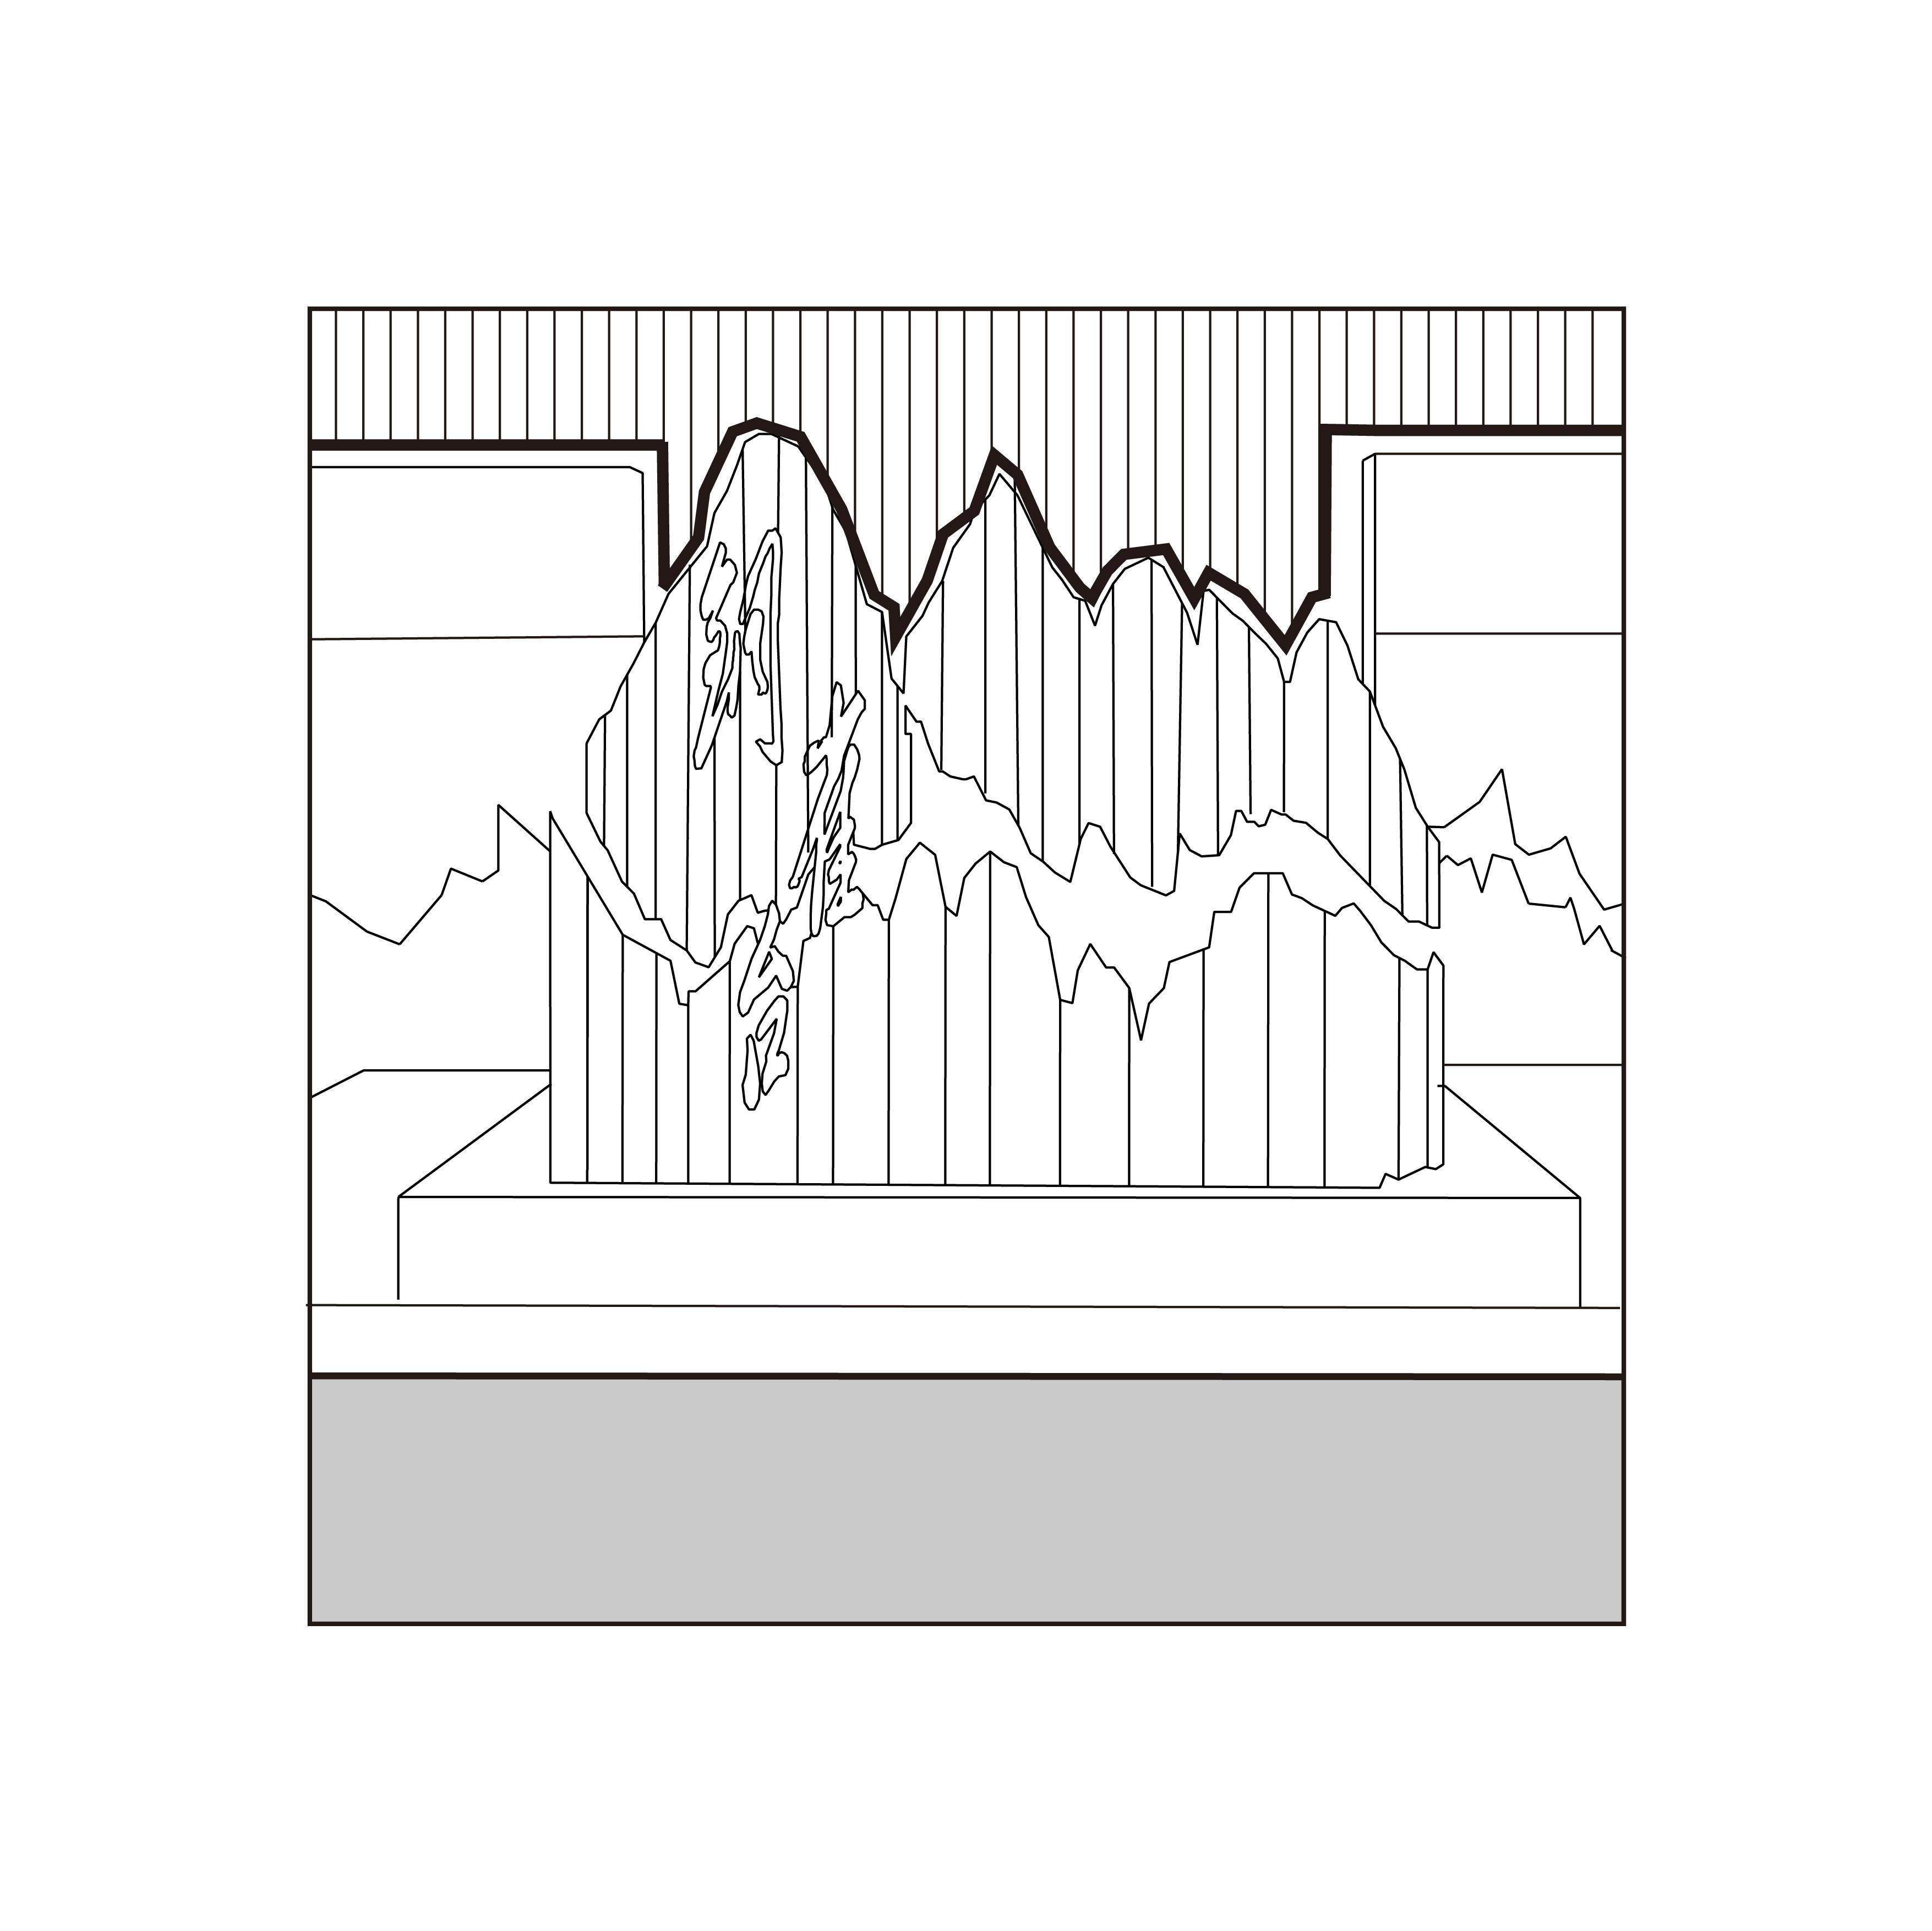 宜宾 · 铜雀台 · 景观(方案+施工)